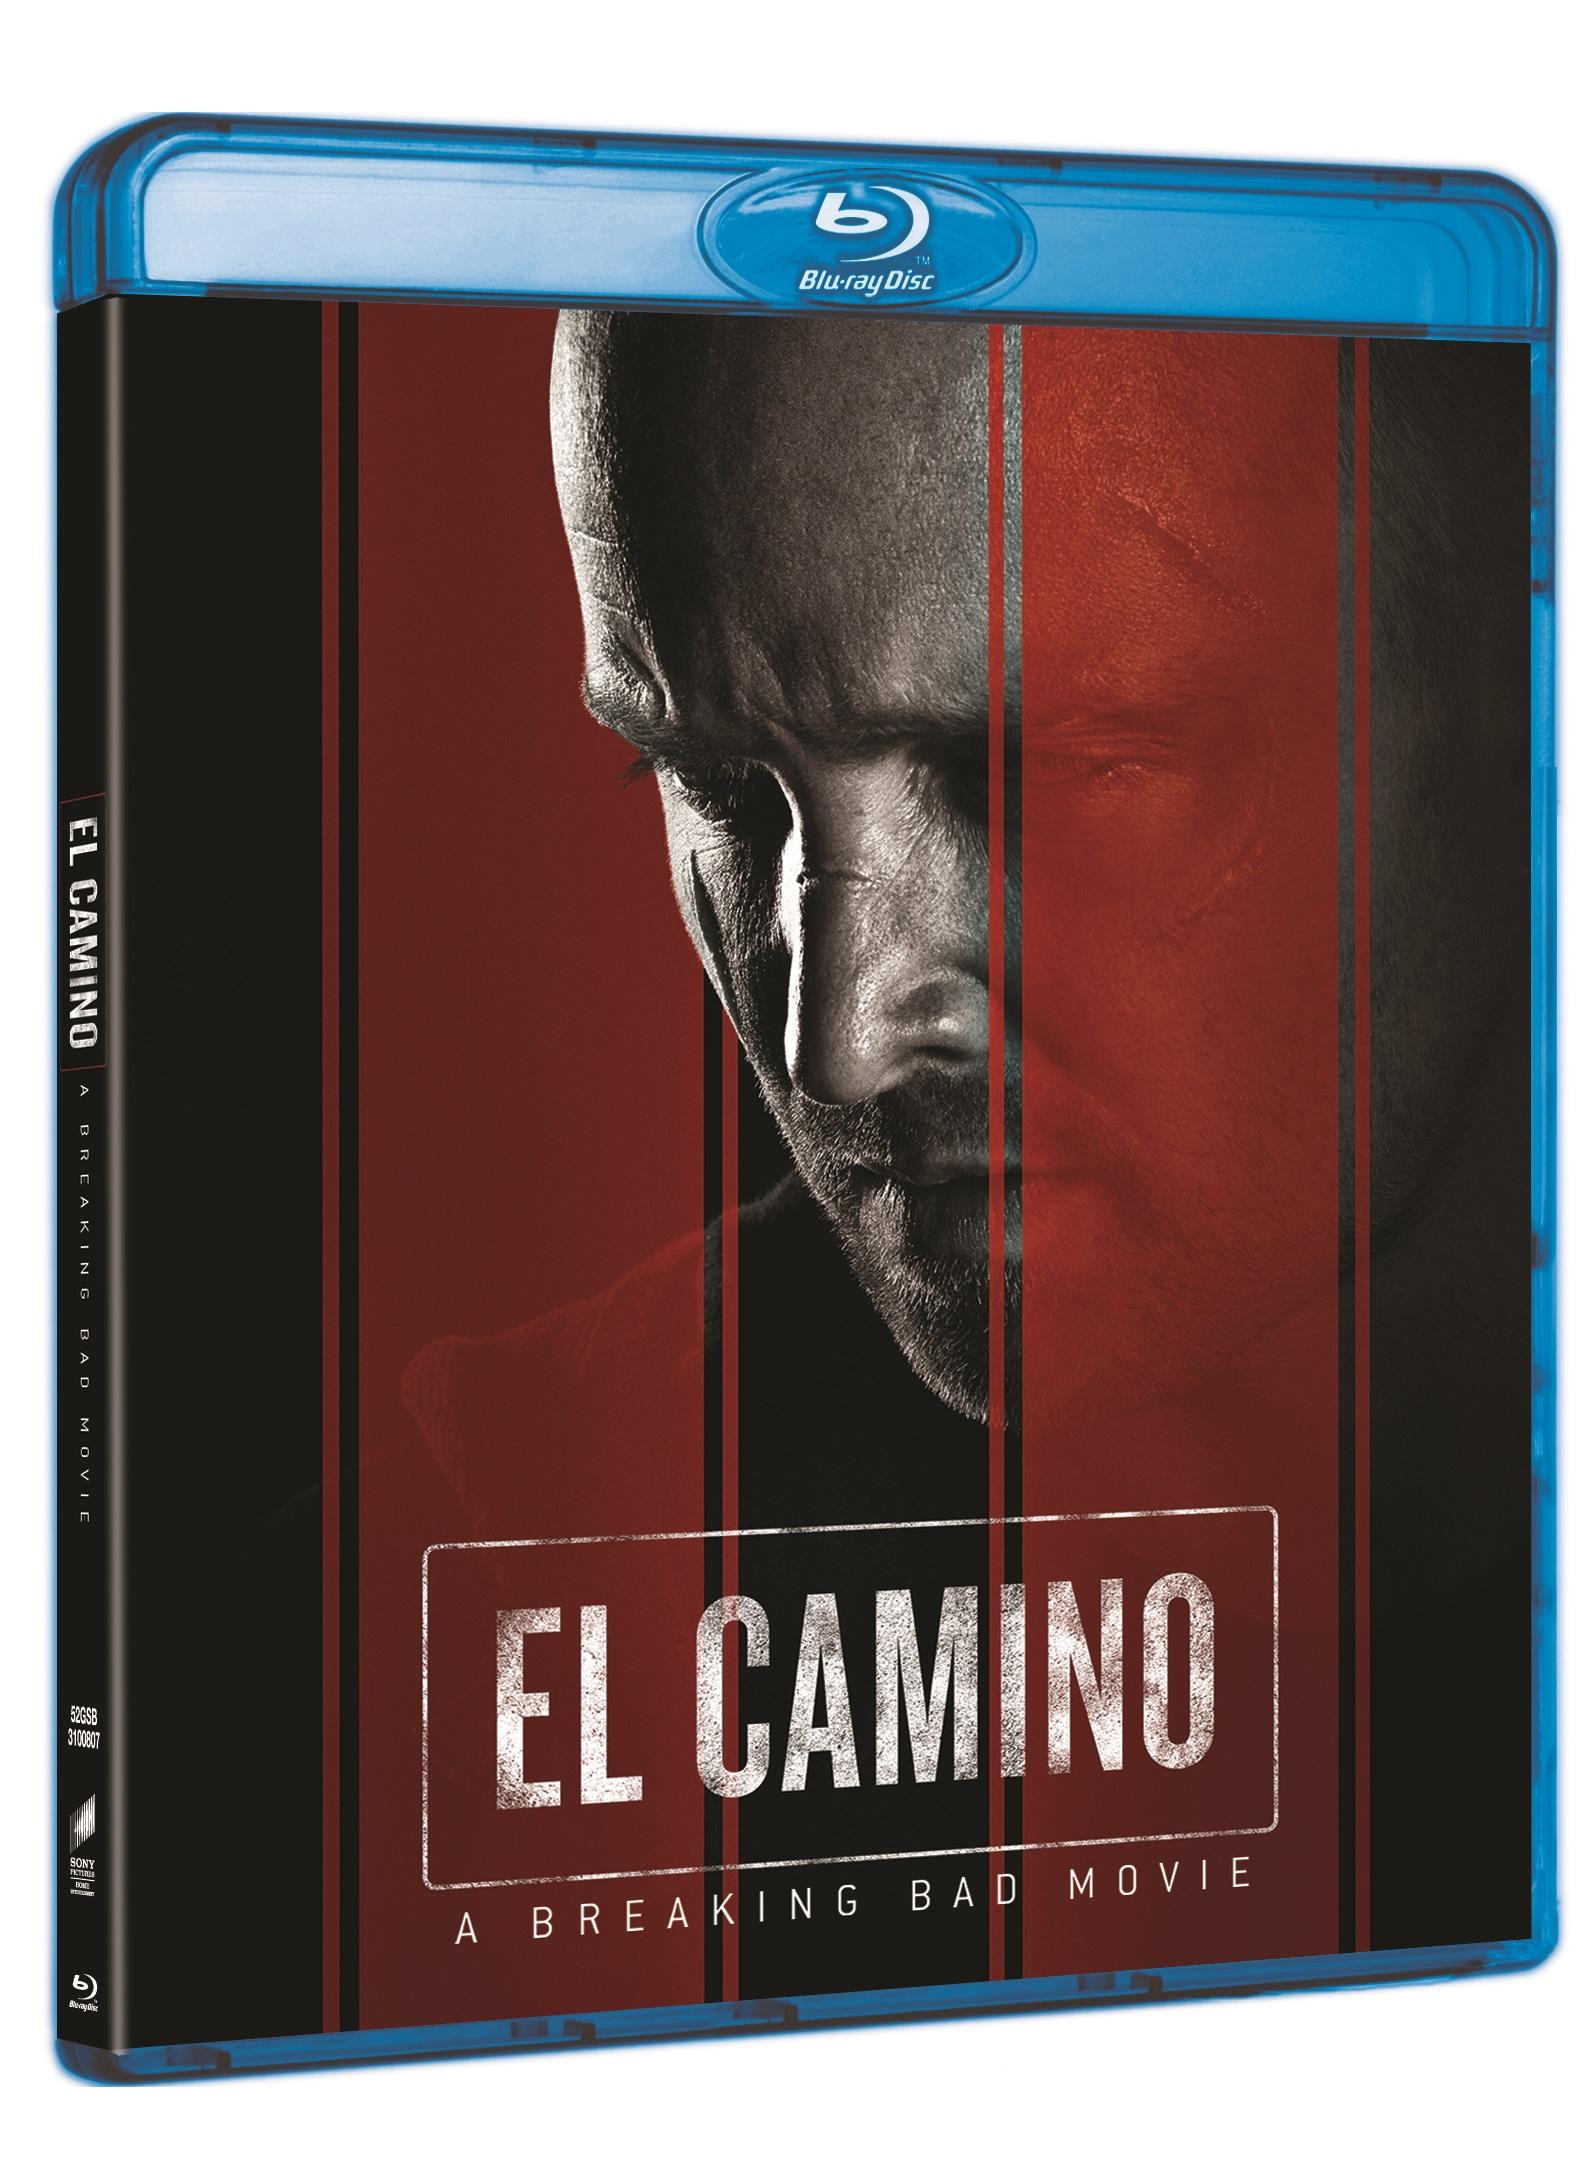 El Camino: A Breaking Bad Movie -  - Film -  - 7330031008076 - 12/10-2020